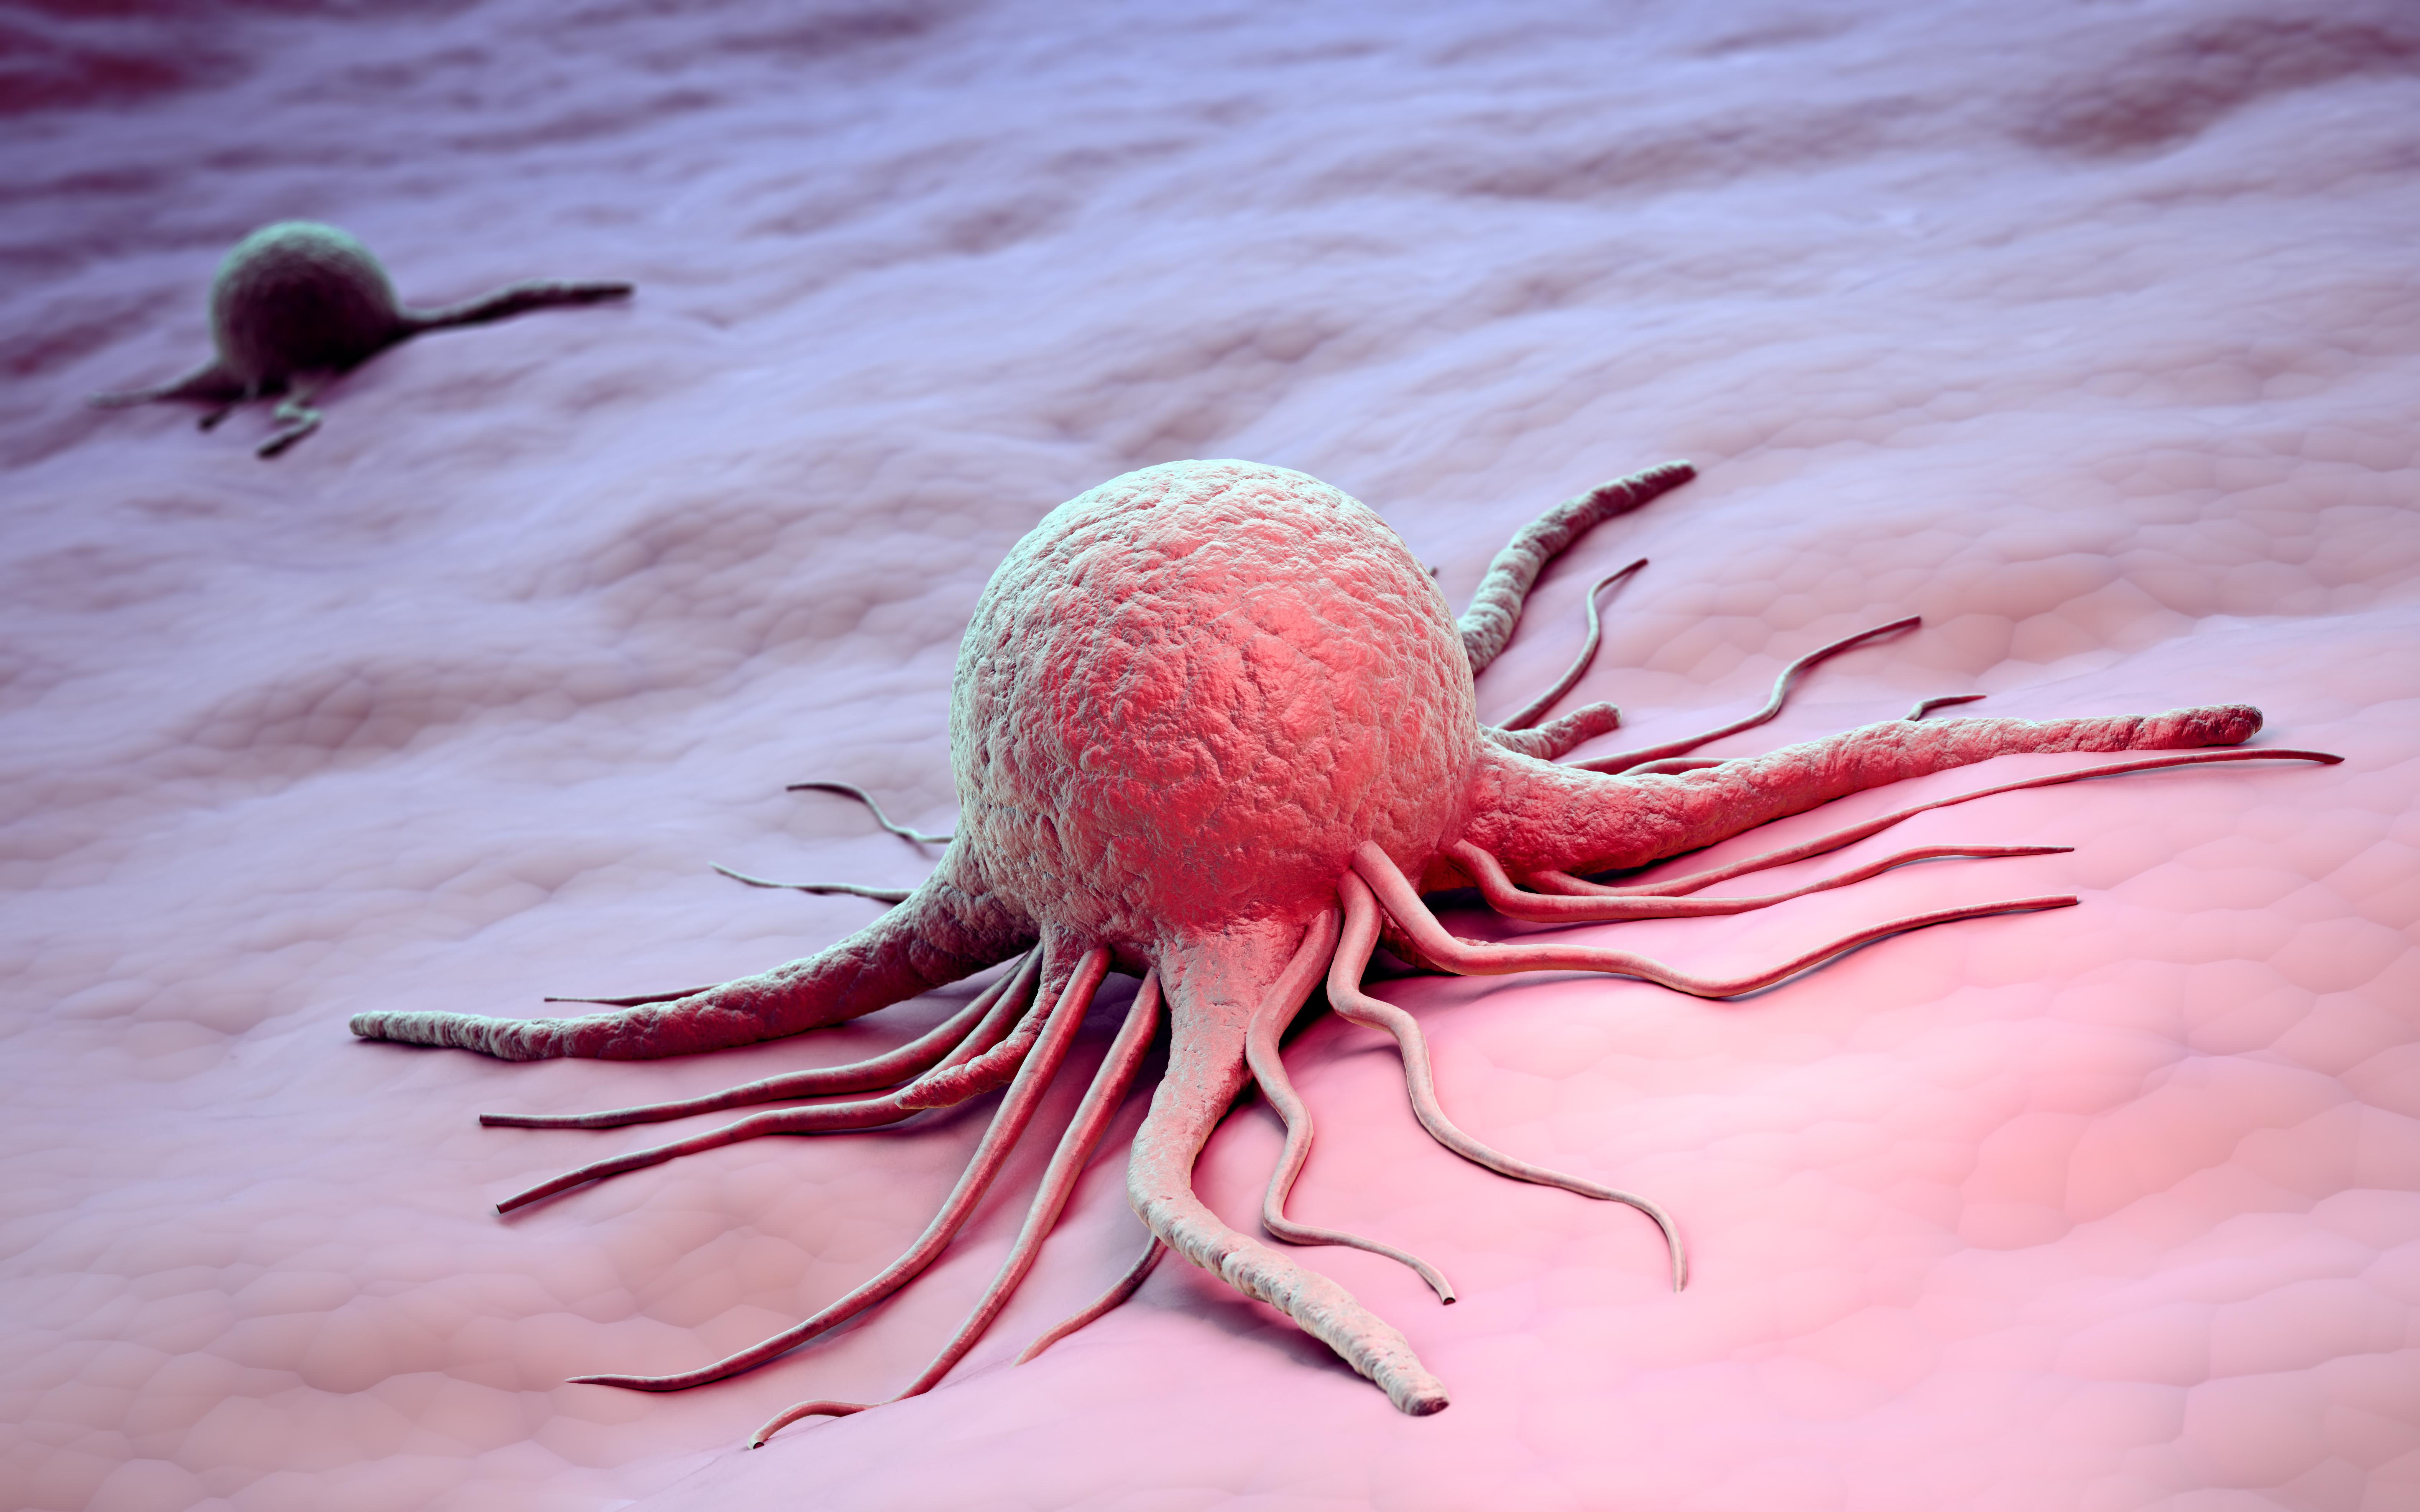 Аденокарцинома железистый рак что это такое